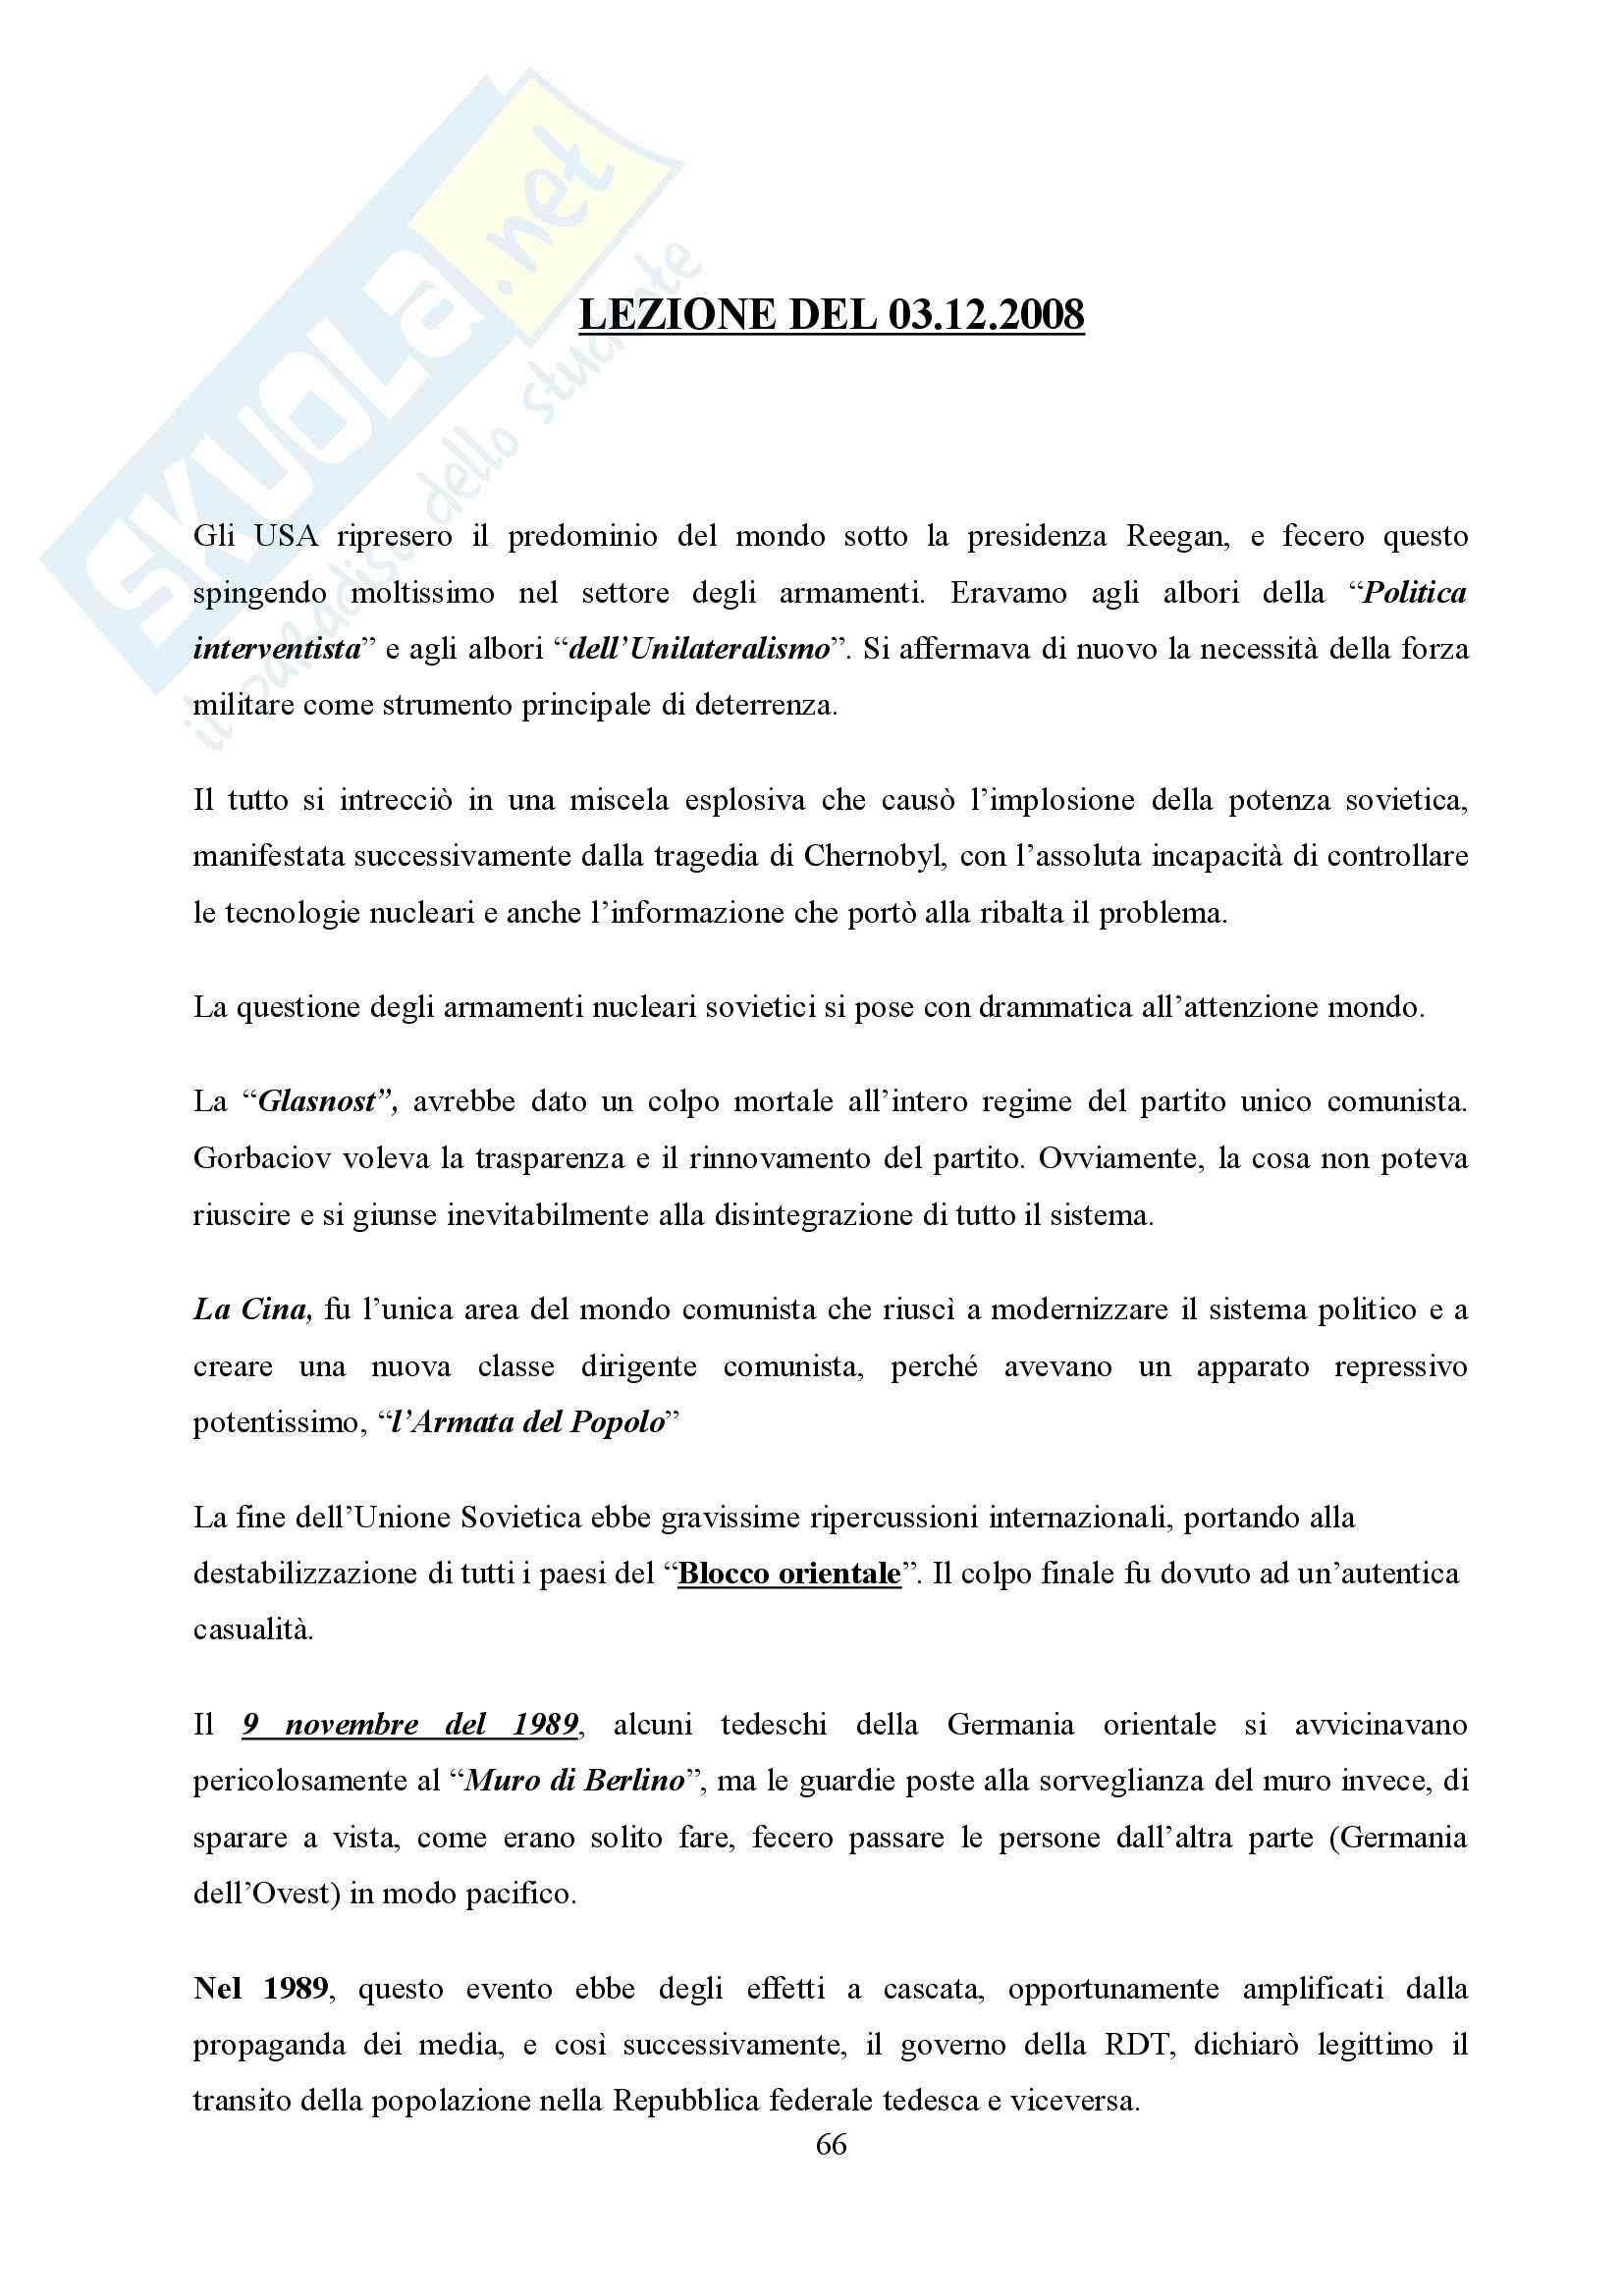 Storia delle relazioni internazionali Pag. 66